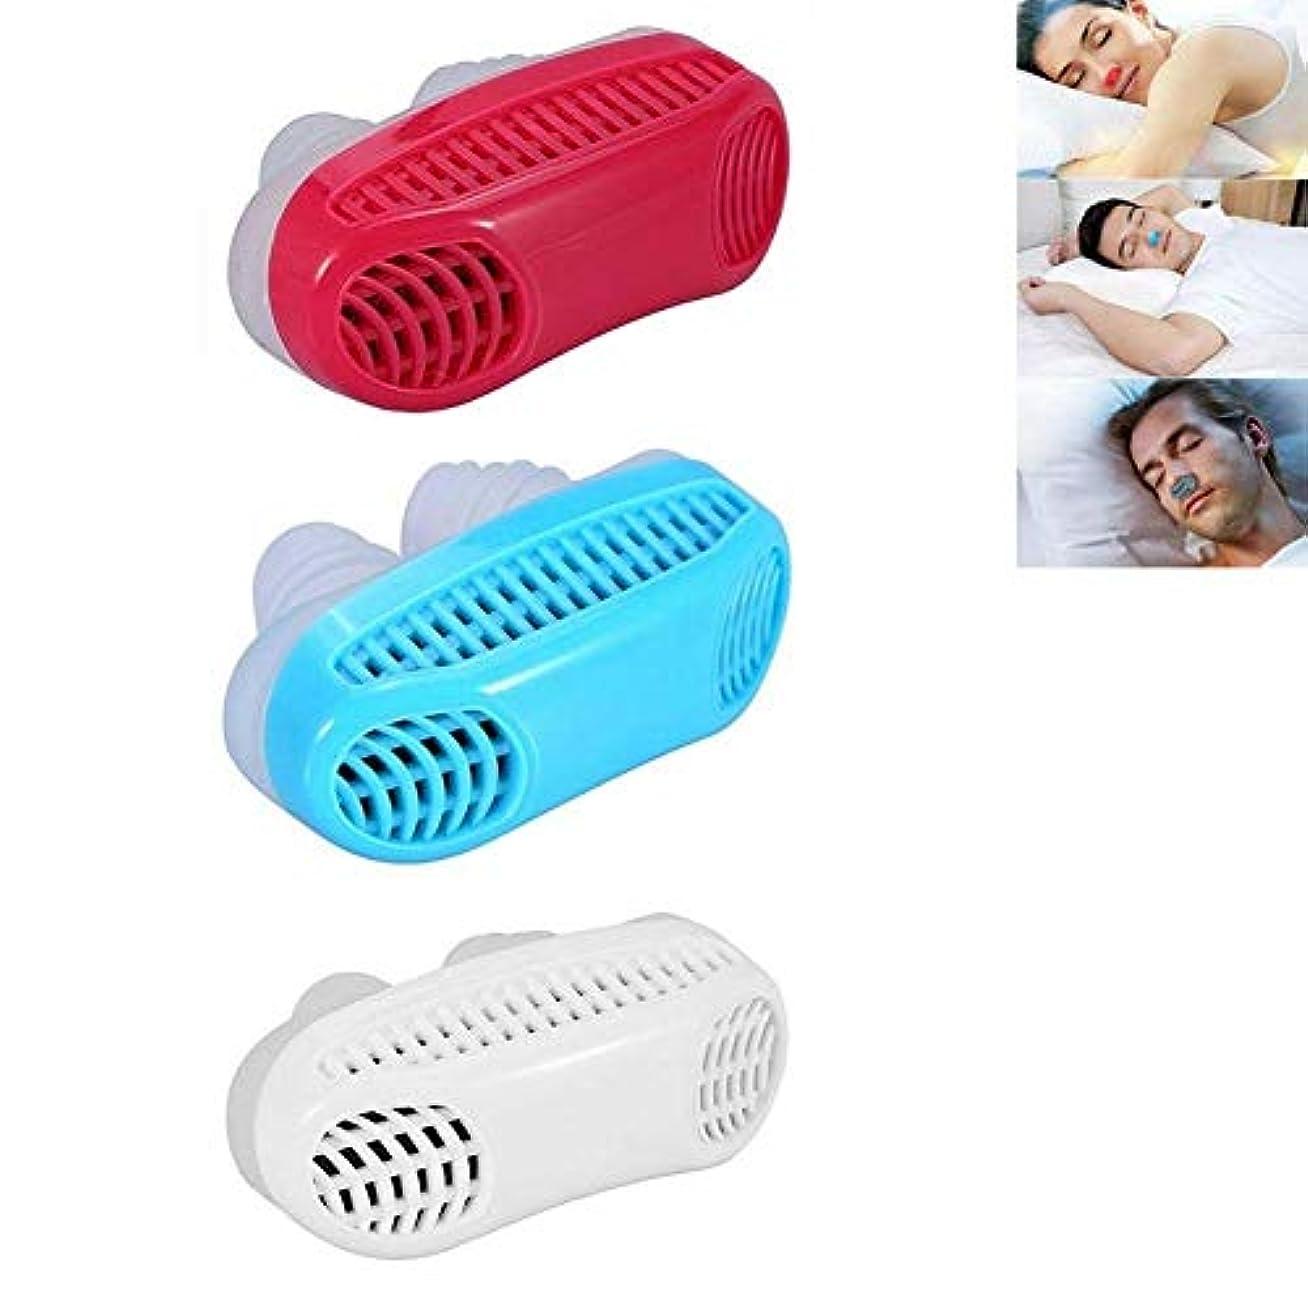 エール天の一見3ピース安全ないびきエイズポータブルシリコーン抗いびき空気清浄機鼻いびきストップクリップ2-in-1健康睡眠ツール